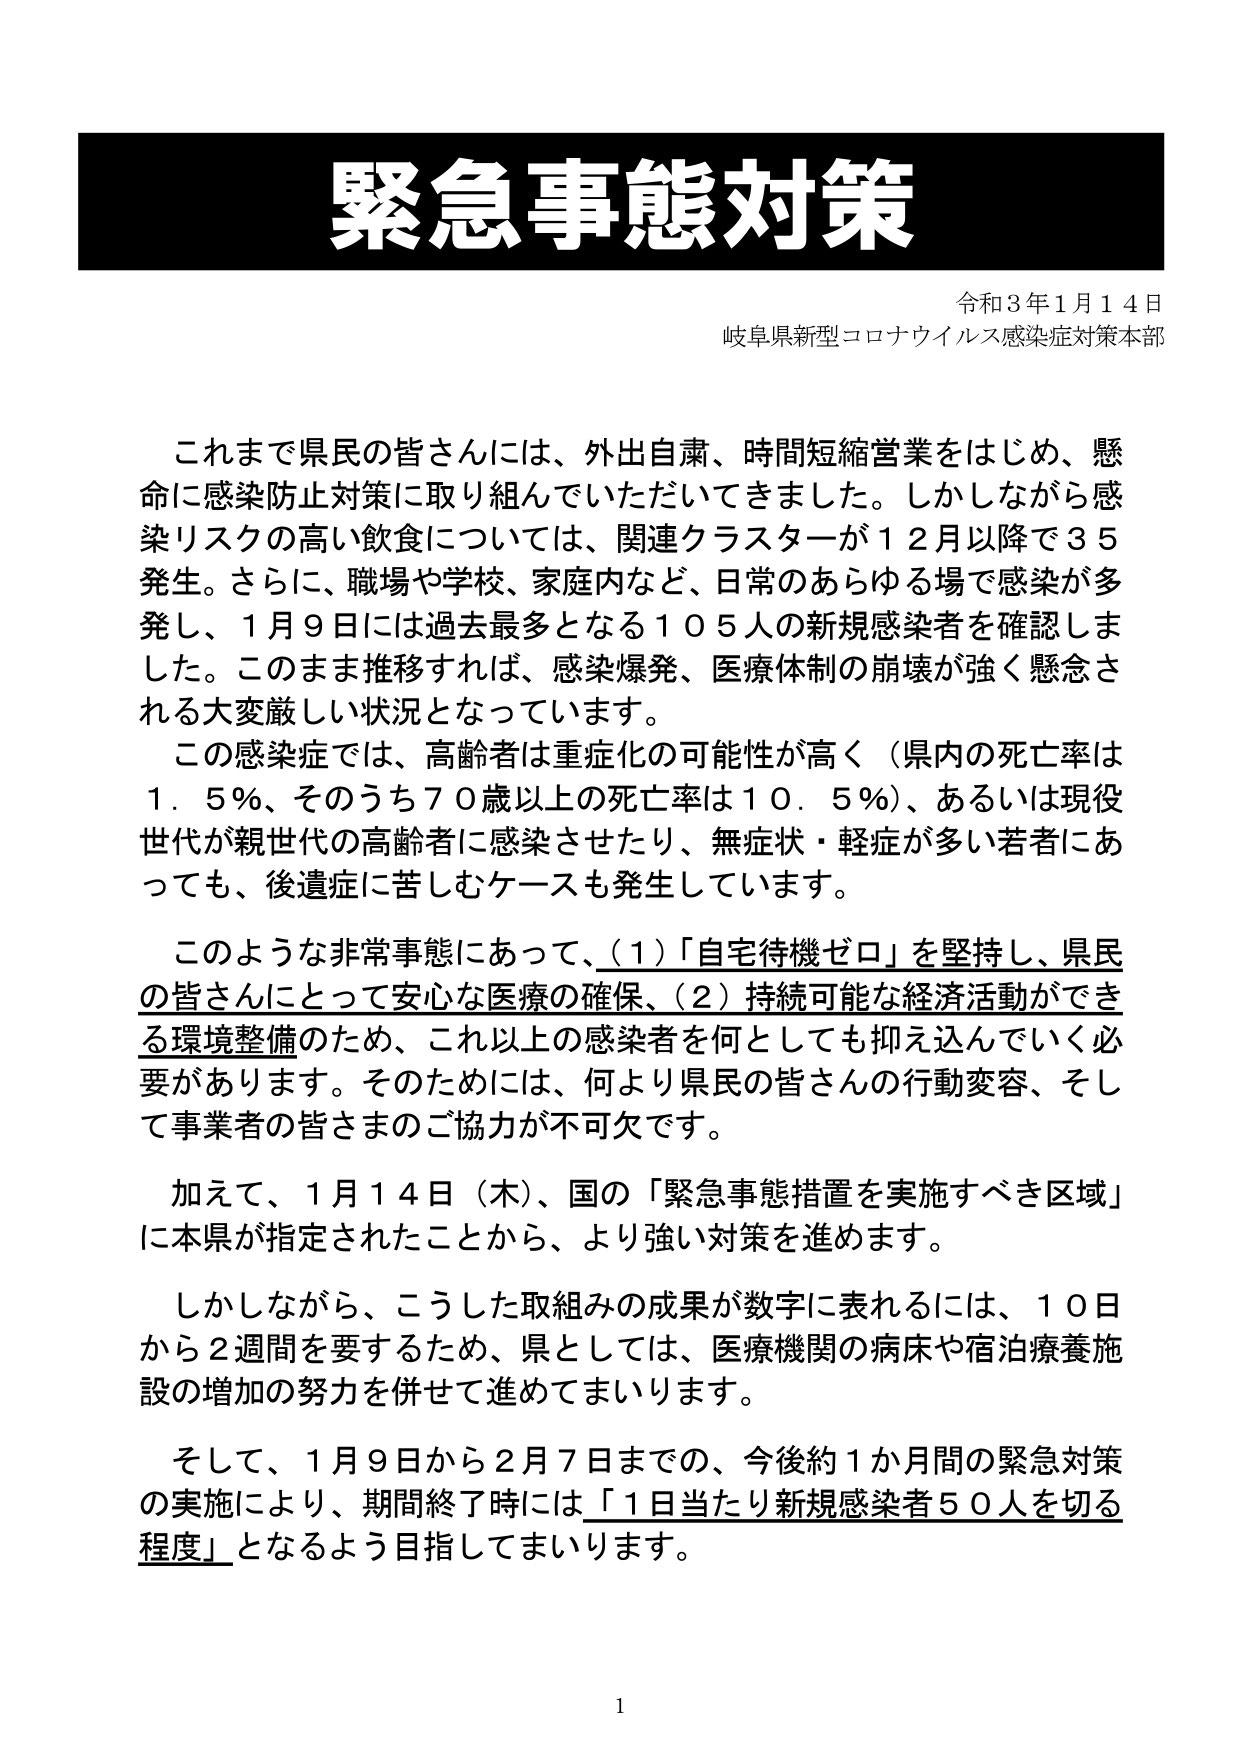 岐阜県:緊急事態宣言発令中 - 岐阜県よろず支援拠点